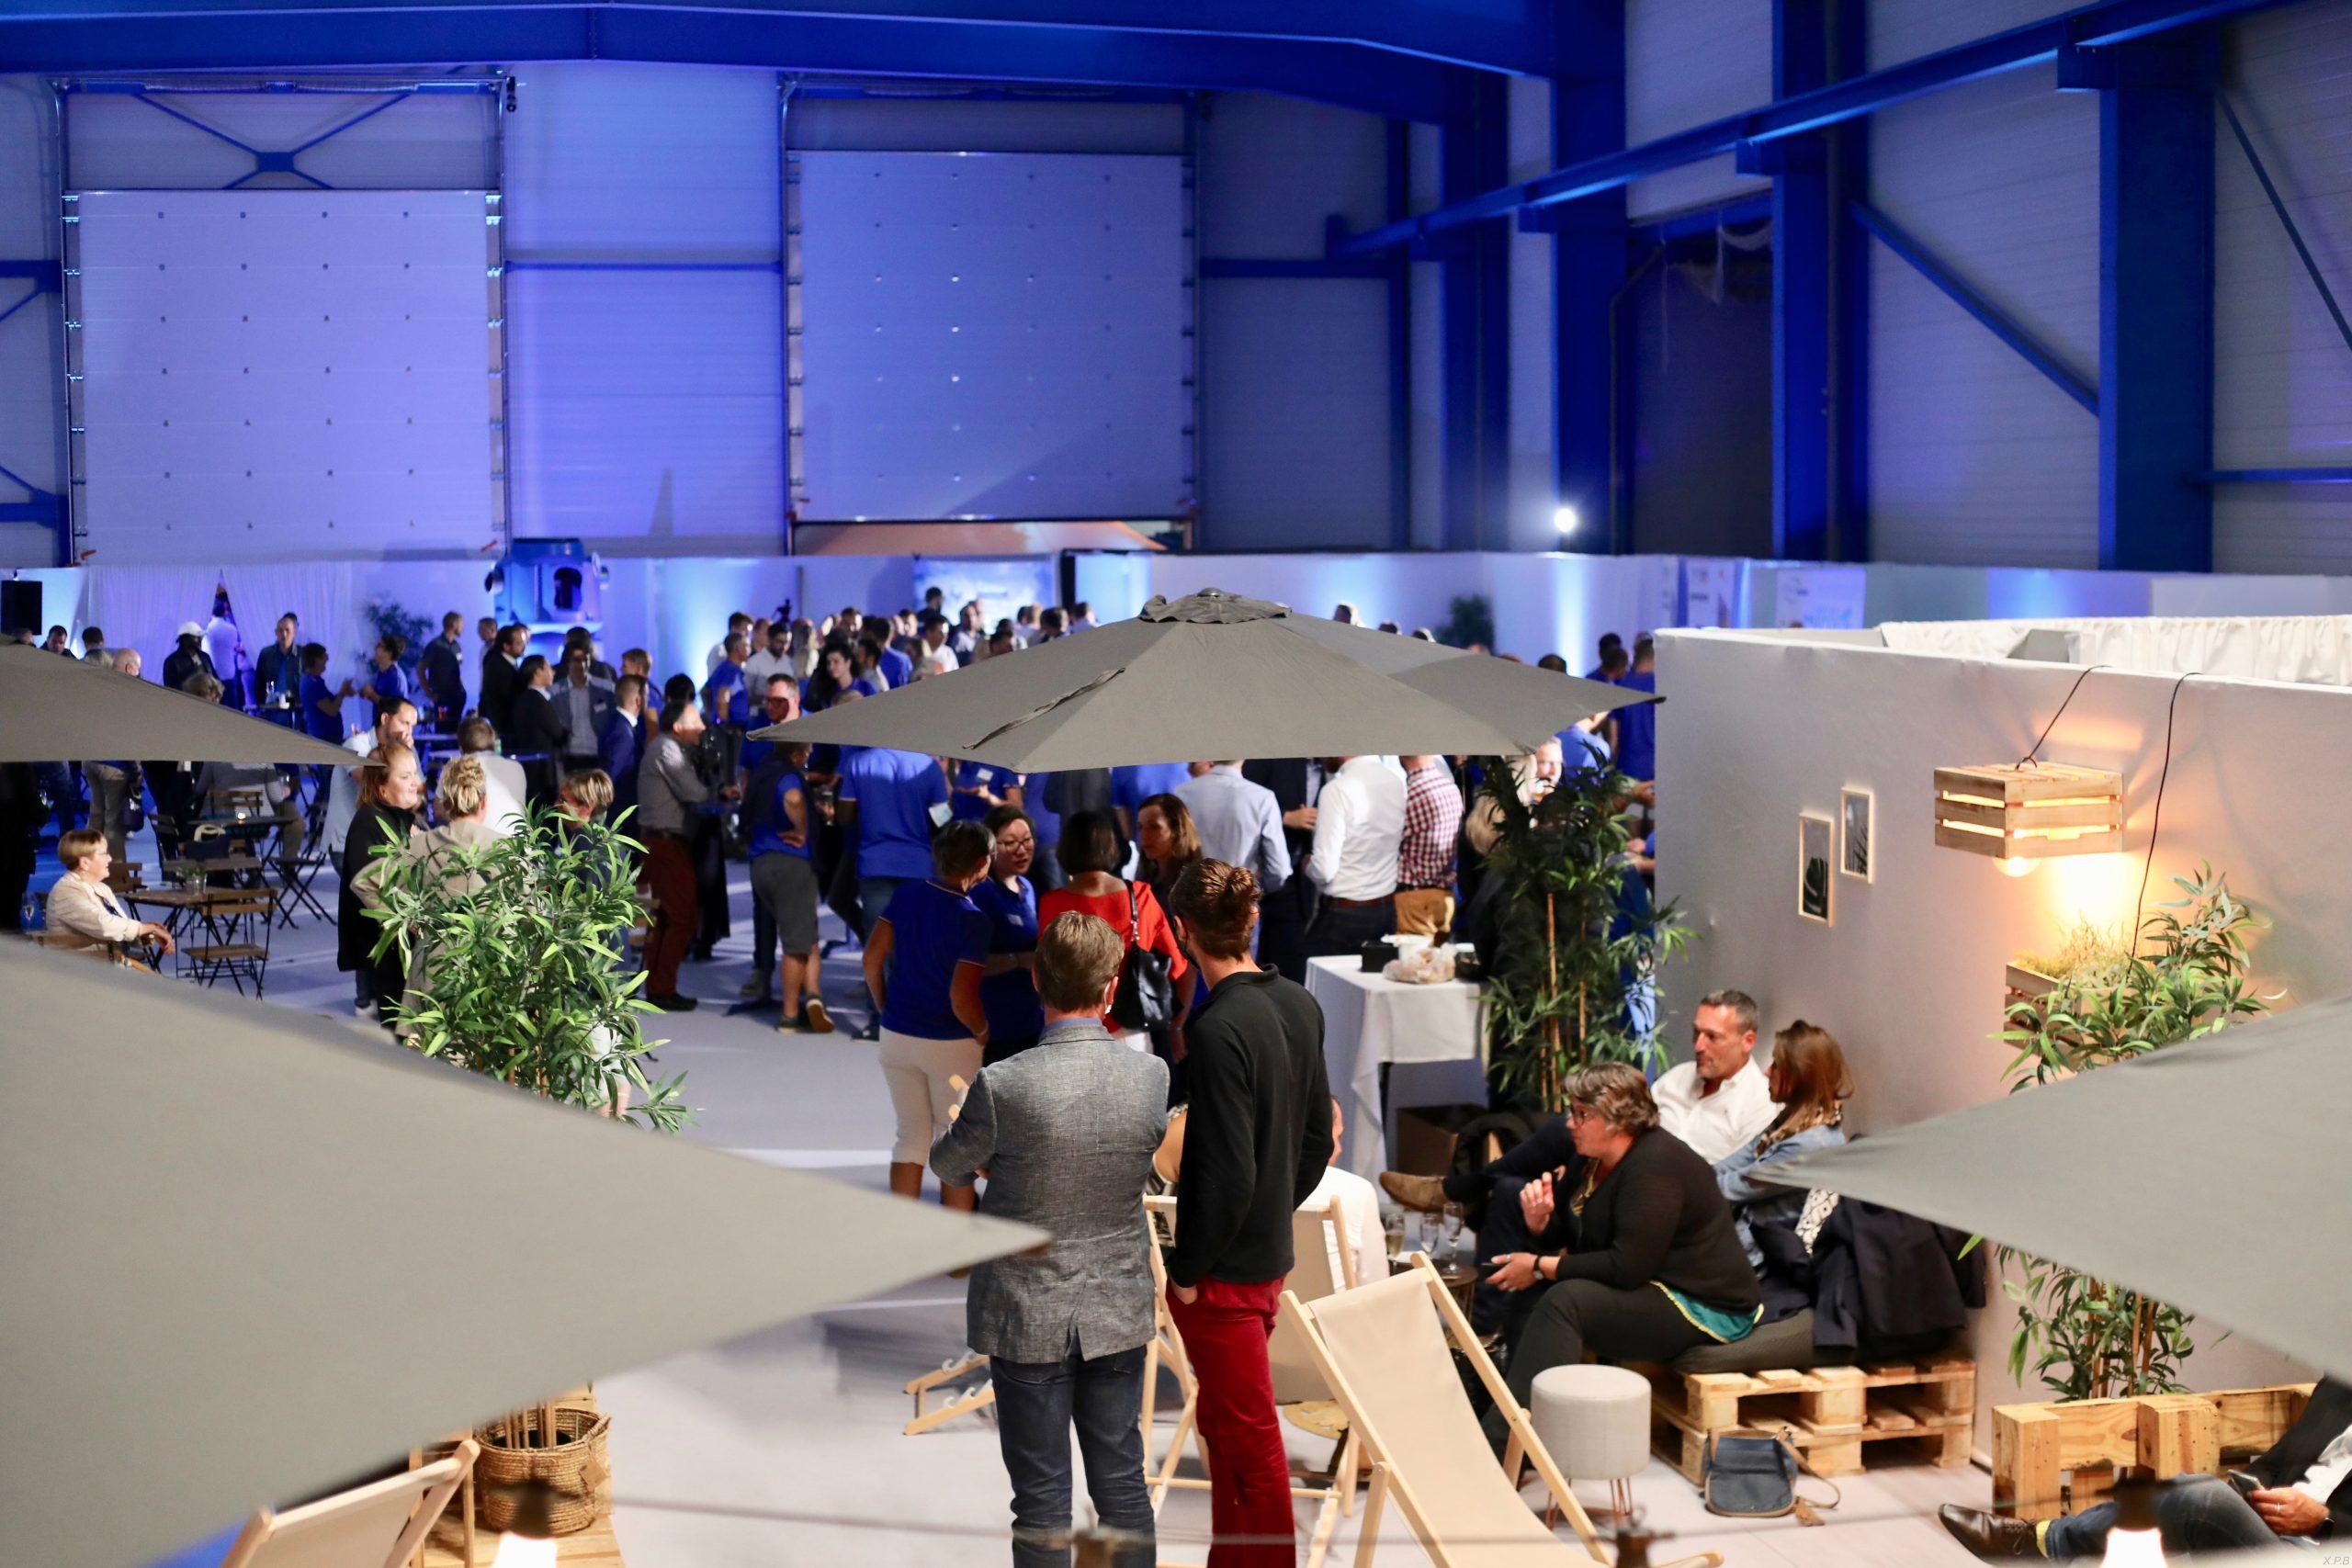 Rétrospective du mois de septembre 2021 : Techneau et Chaudreau ont fêté leur 30ème et 20ème anniversaires